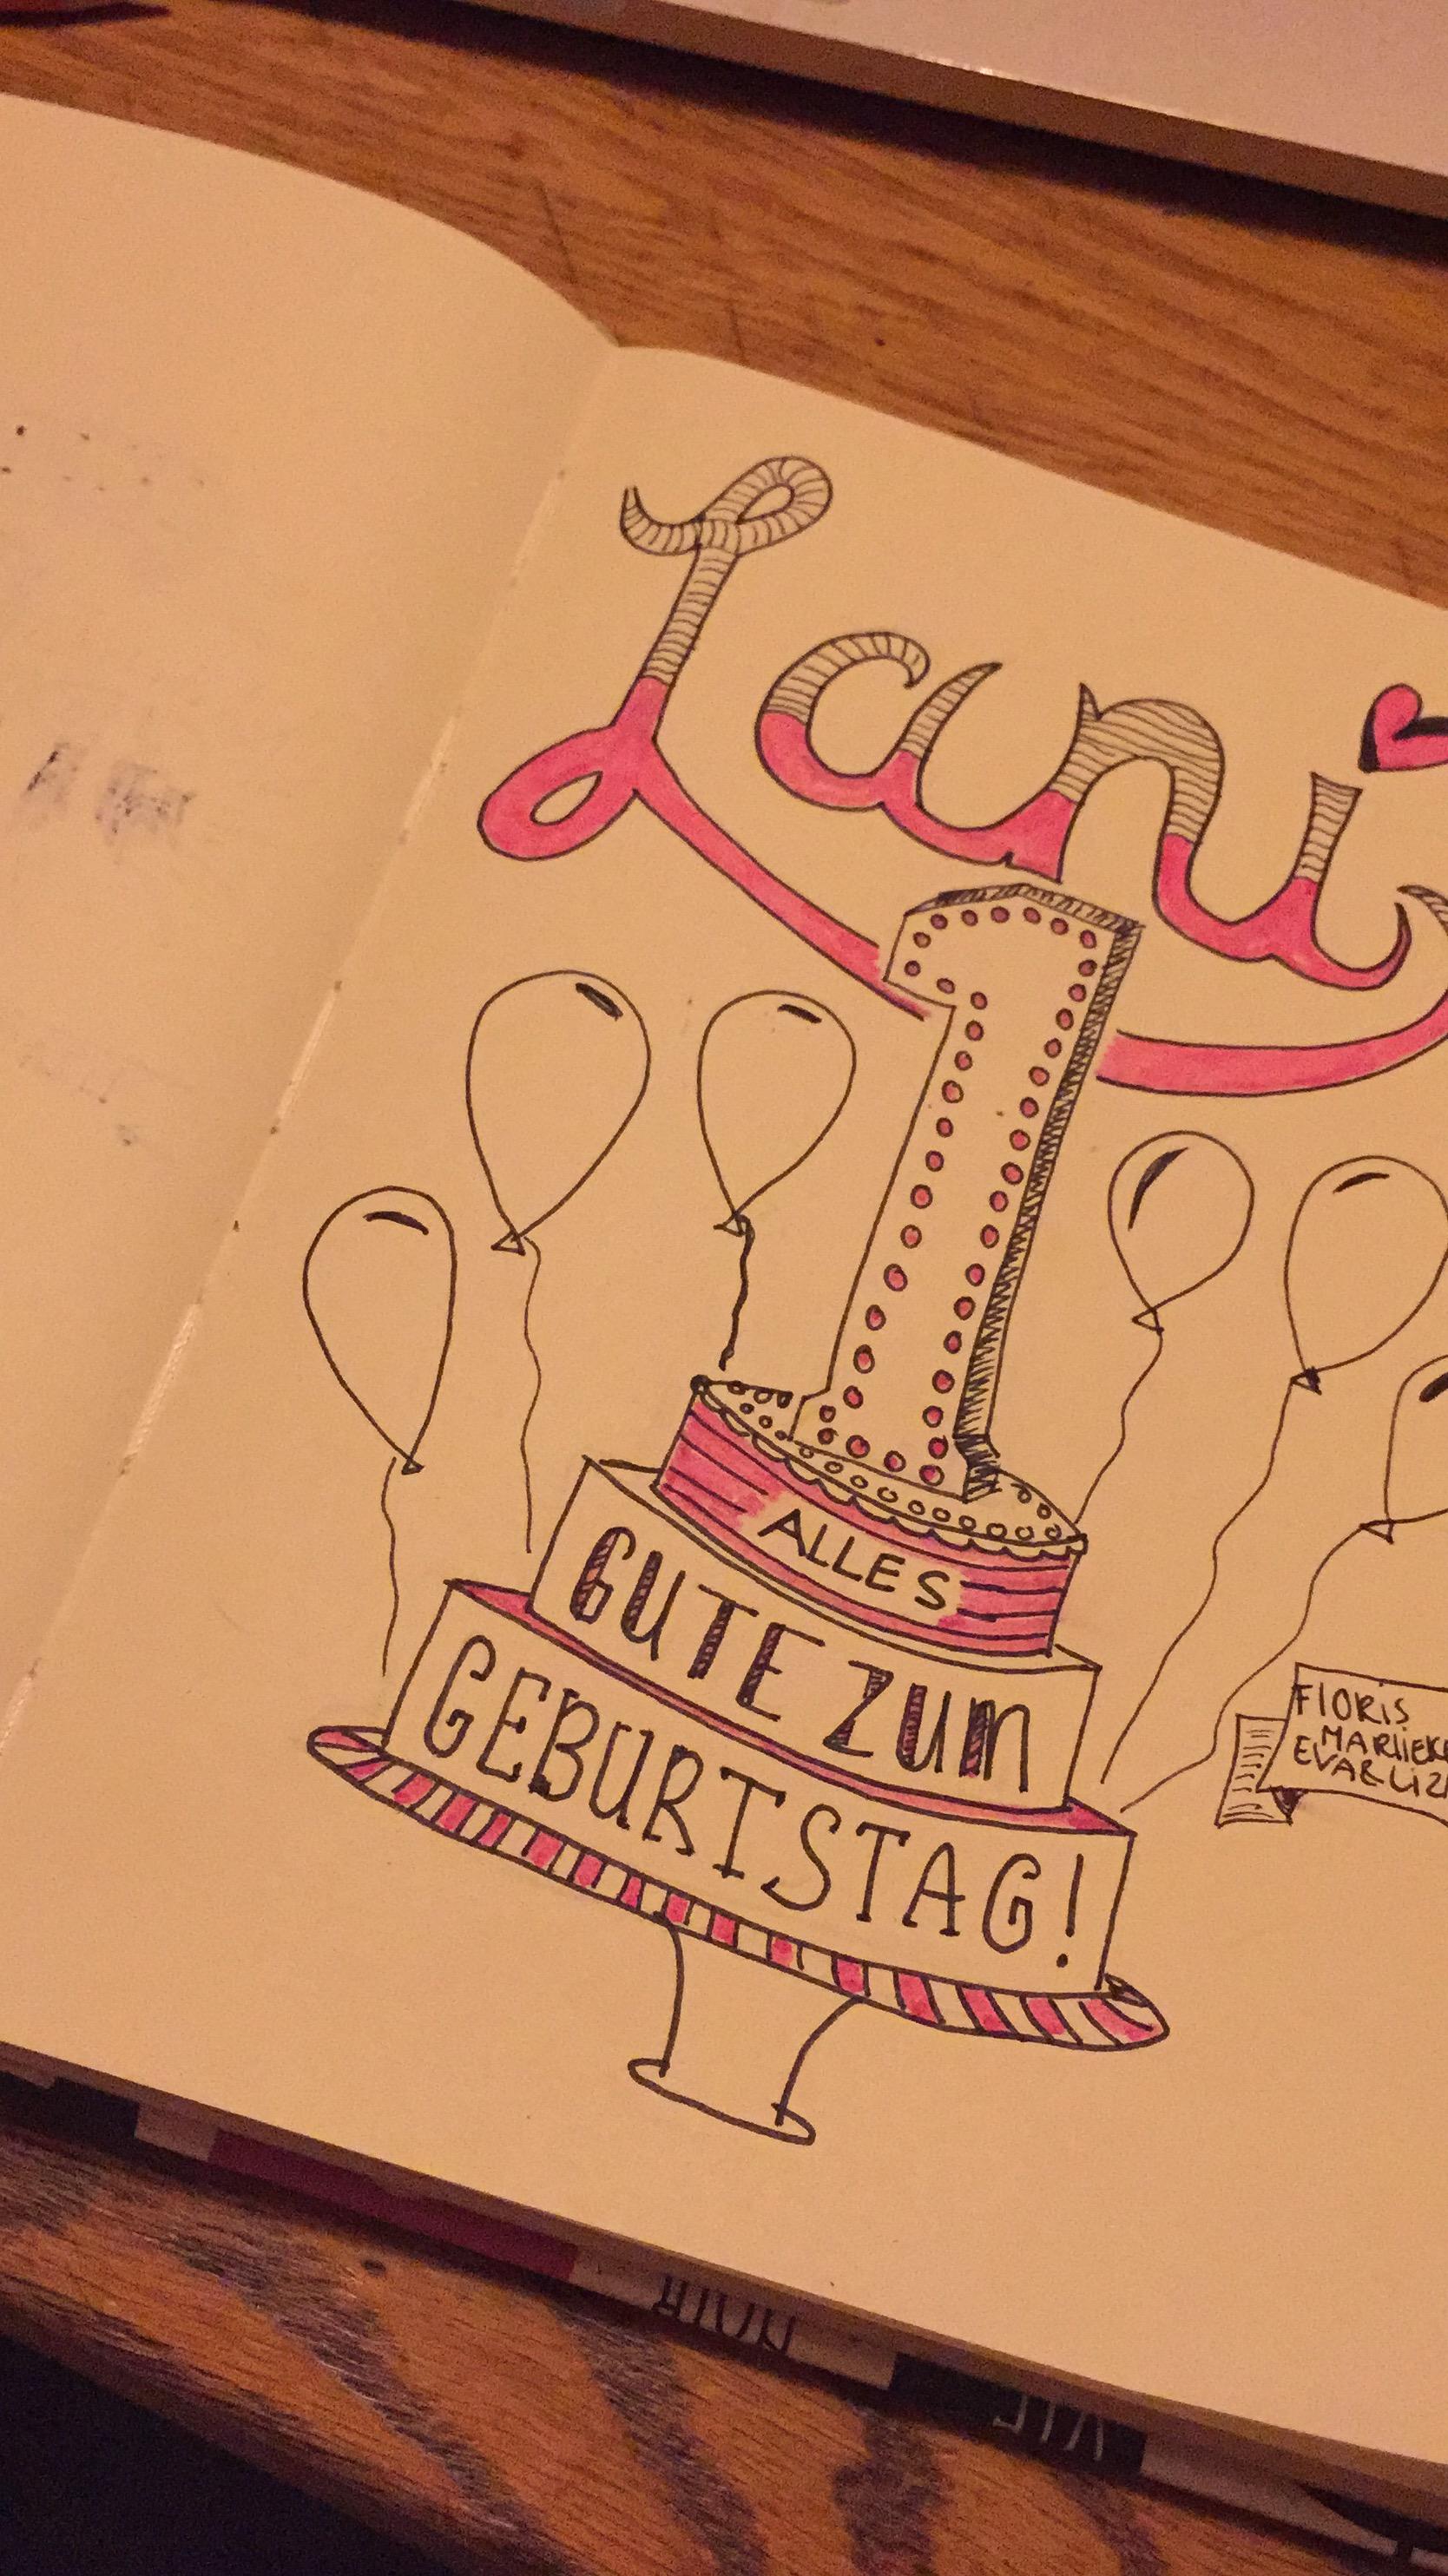 Omdat ik lekker bezig tekende ik ook maar een verjaardagskaart voor mij buurmeisje